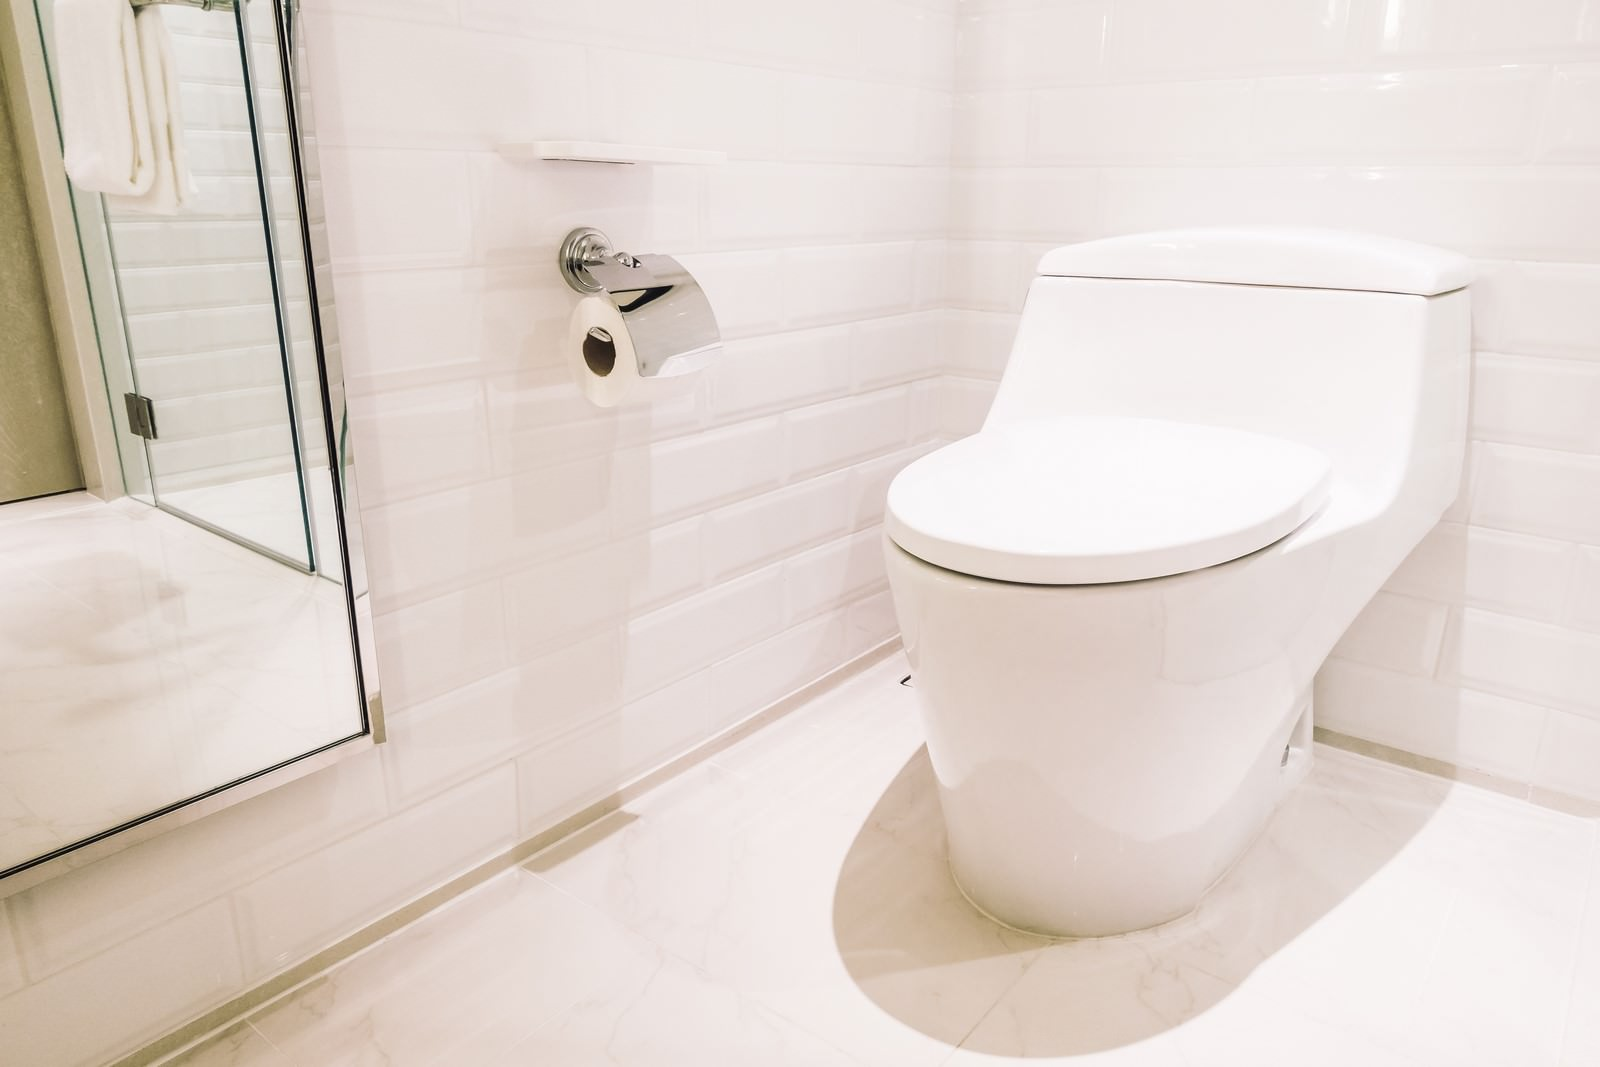 Salle De Bain Toilettes ~ tanguy salle de bain salle d eau wc